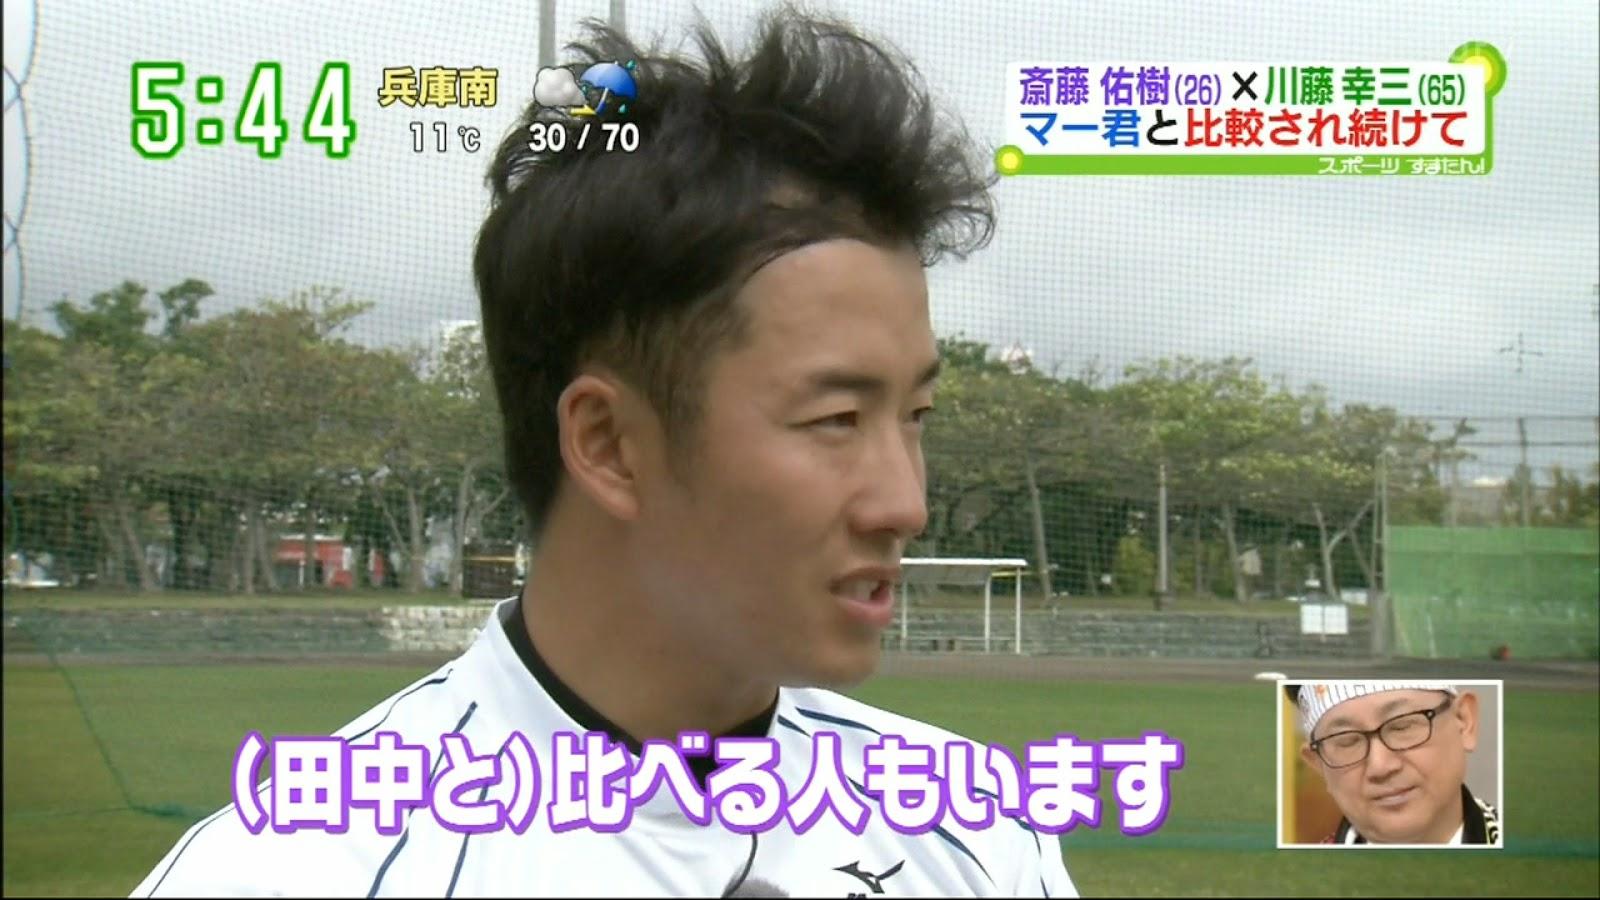 【速報】カイエン青山氏 ついに髪の毛まで失う 神はどれだけこの男に試練を与えるのか